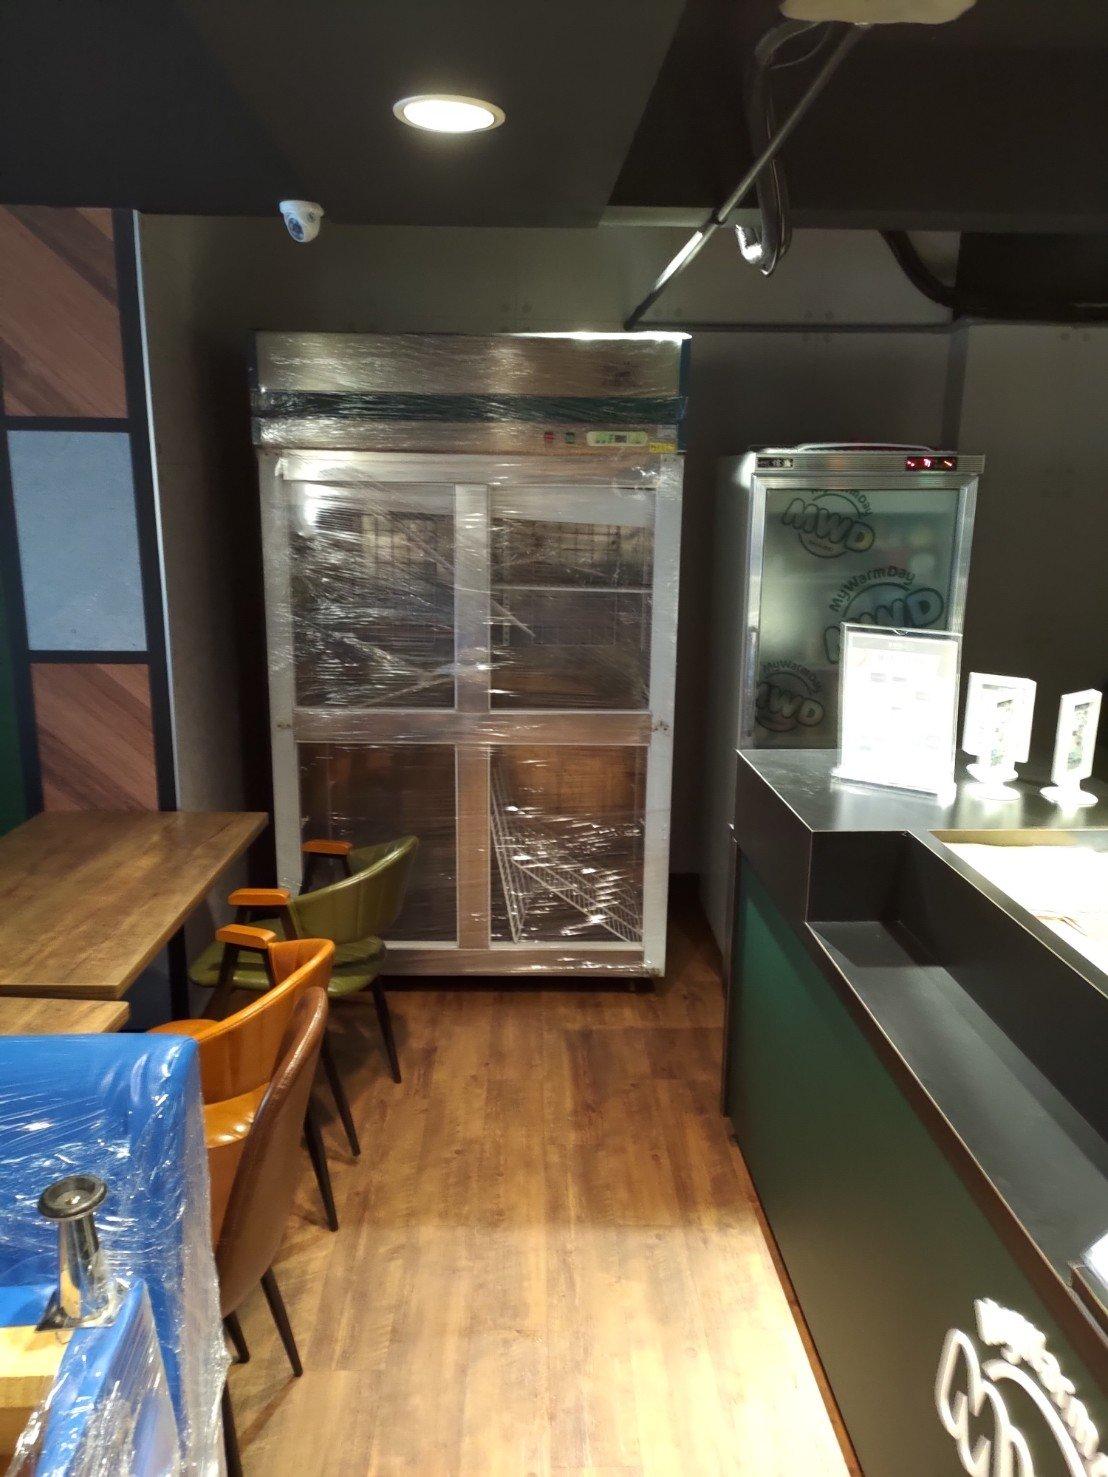 搬家公司推薦【榮福搬家】搬遷好品質值得您的信賴與選擇:搬冰箱-榮福搬家公司專業搬運冰箱,利用板車將冰箱運送至店面指定位置固定擺放。